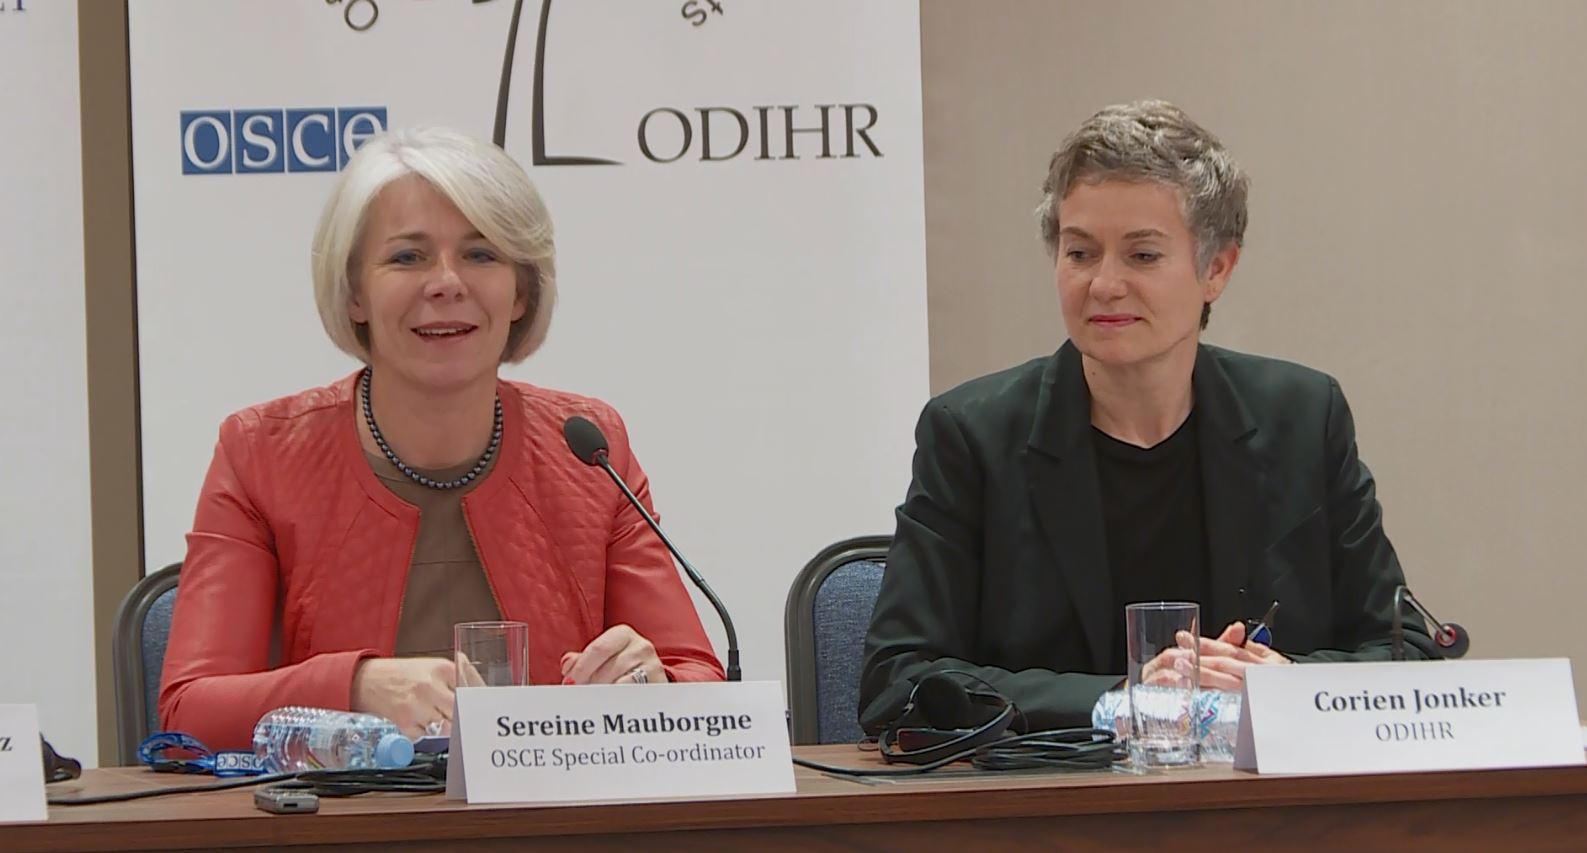 Οι εκλογές στη Βόρεια Μακεδονία ήταν ήσυχες και δημοκρατικές, λέει ο OSCE-ODIHR